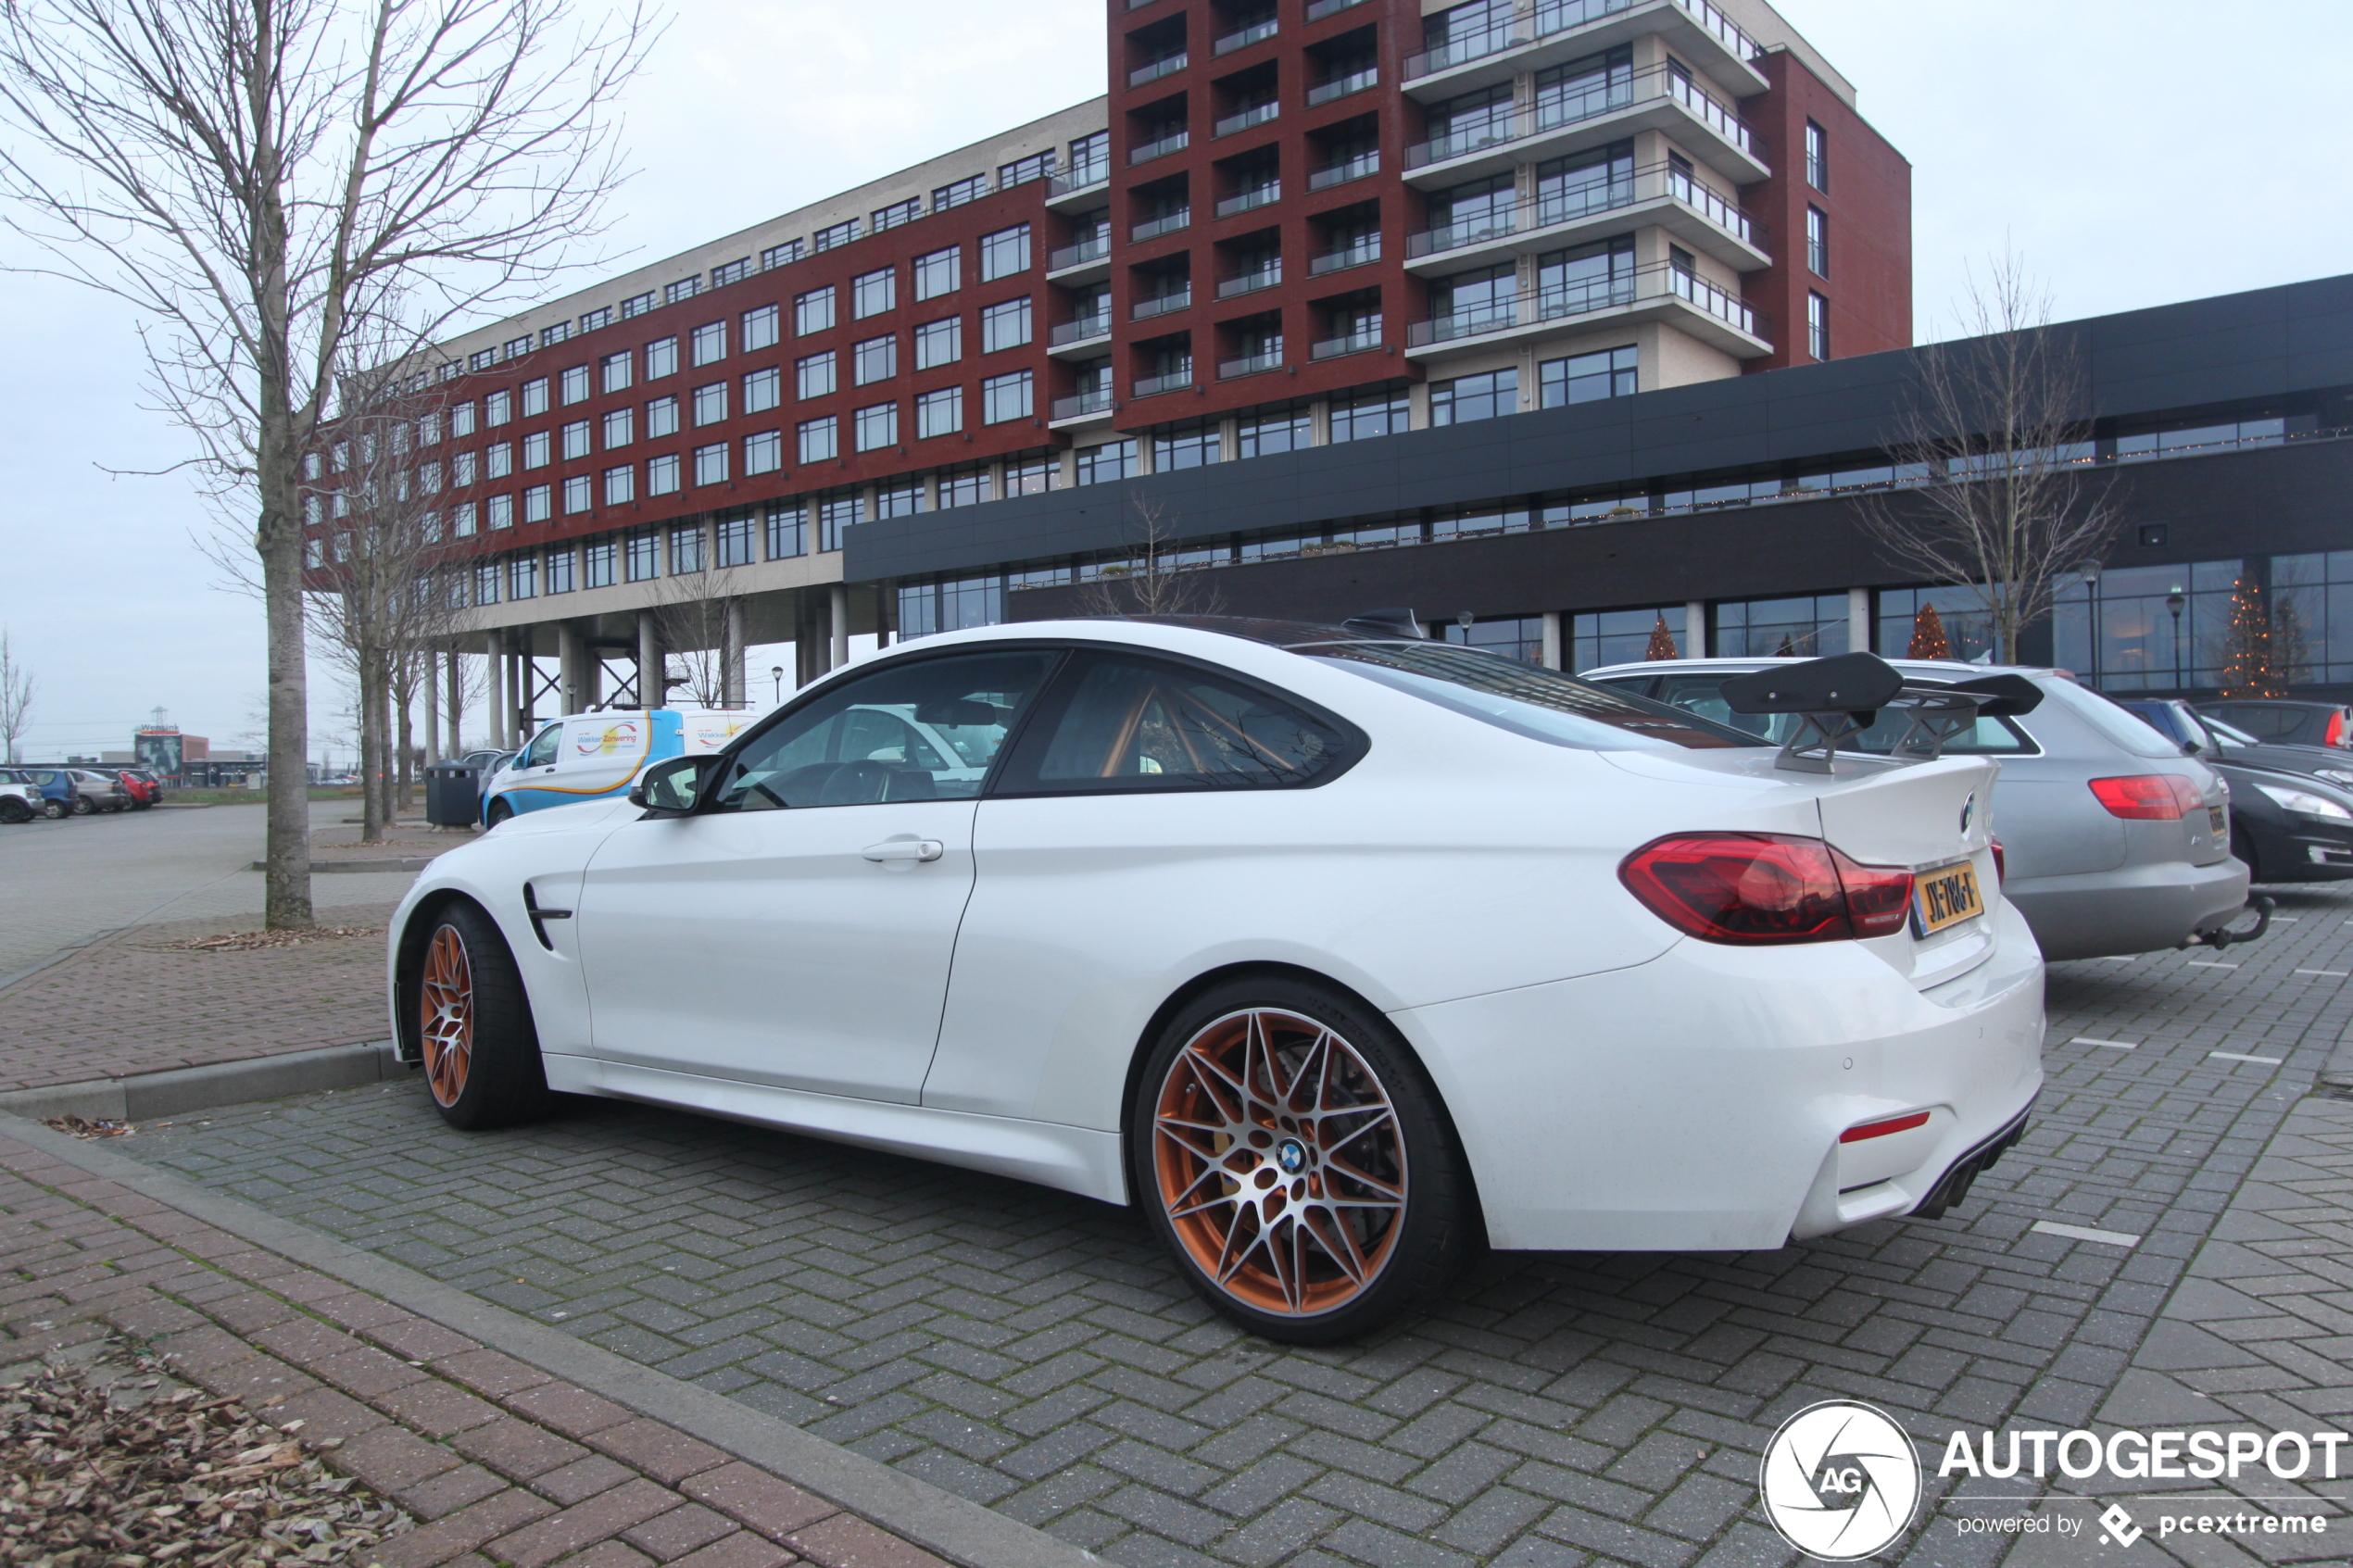 2020 BMW M4 Gts Wallpaper